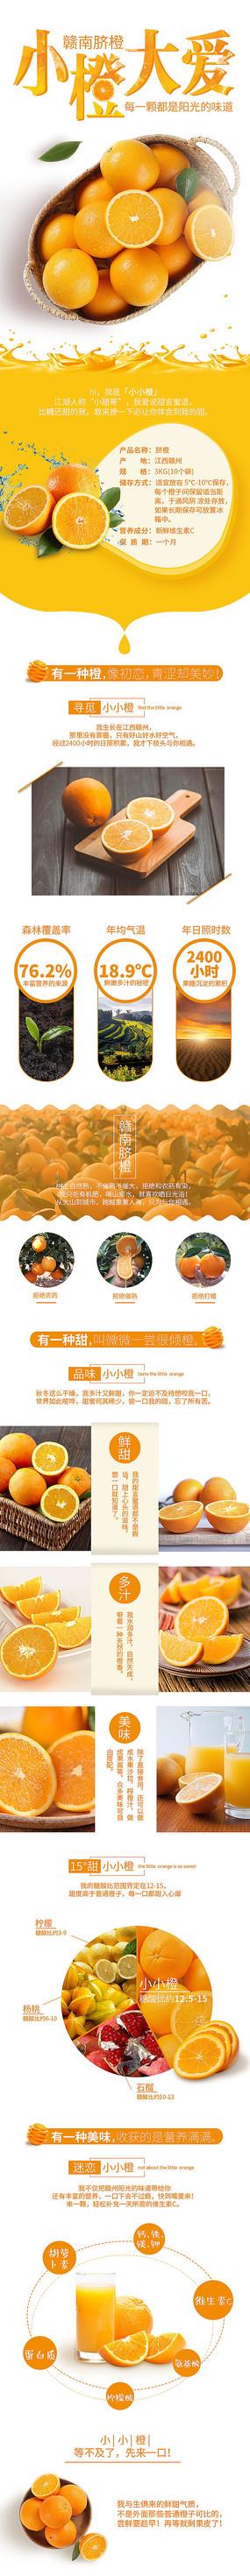 香橙详情页设计模板